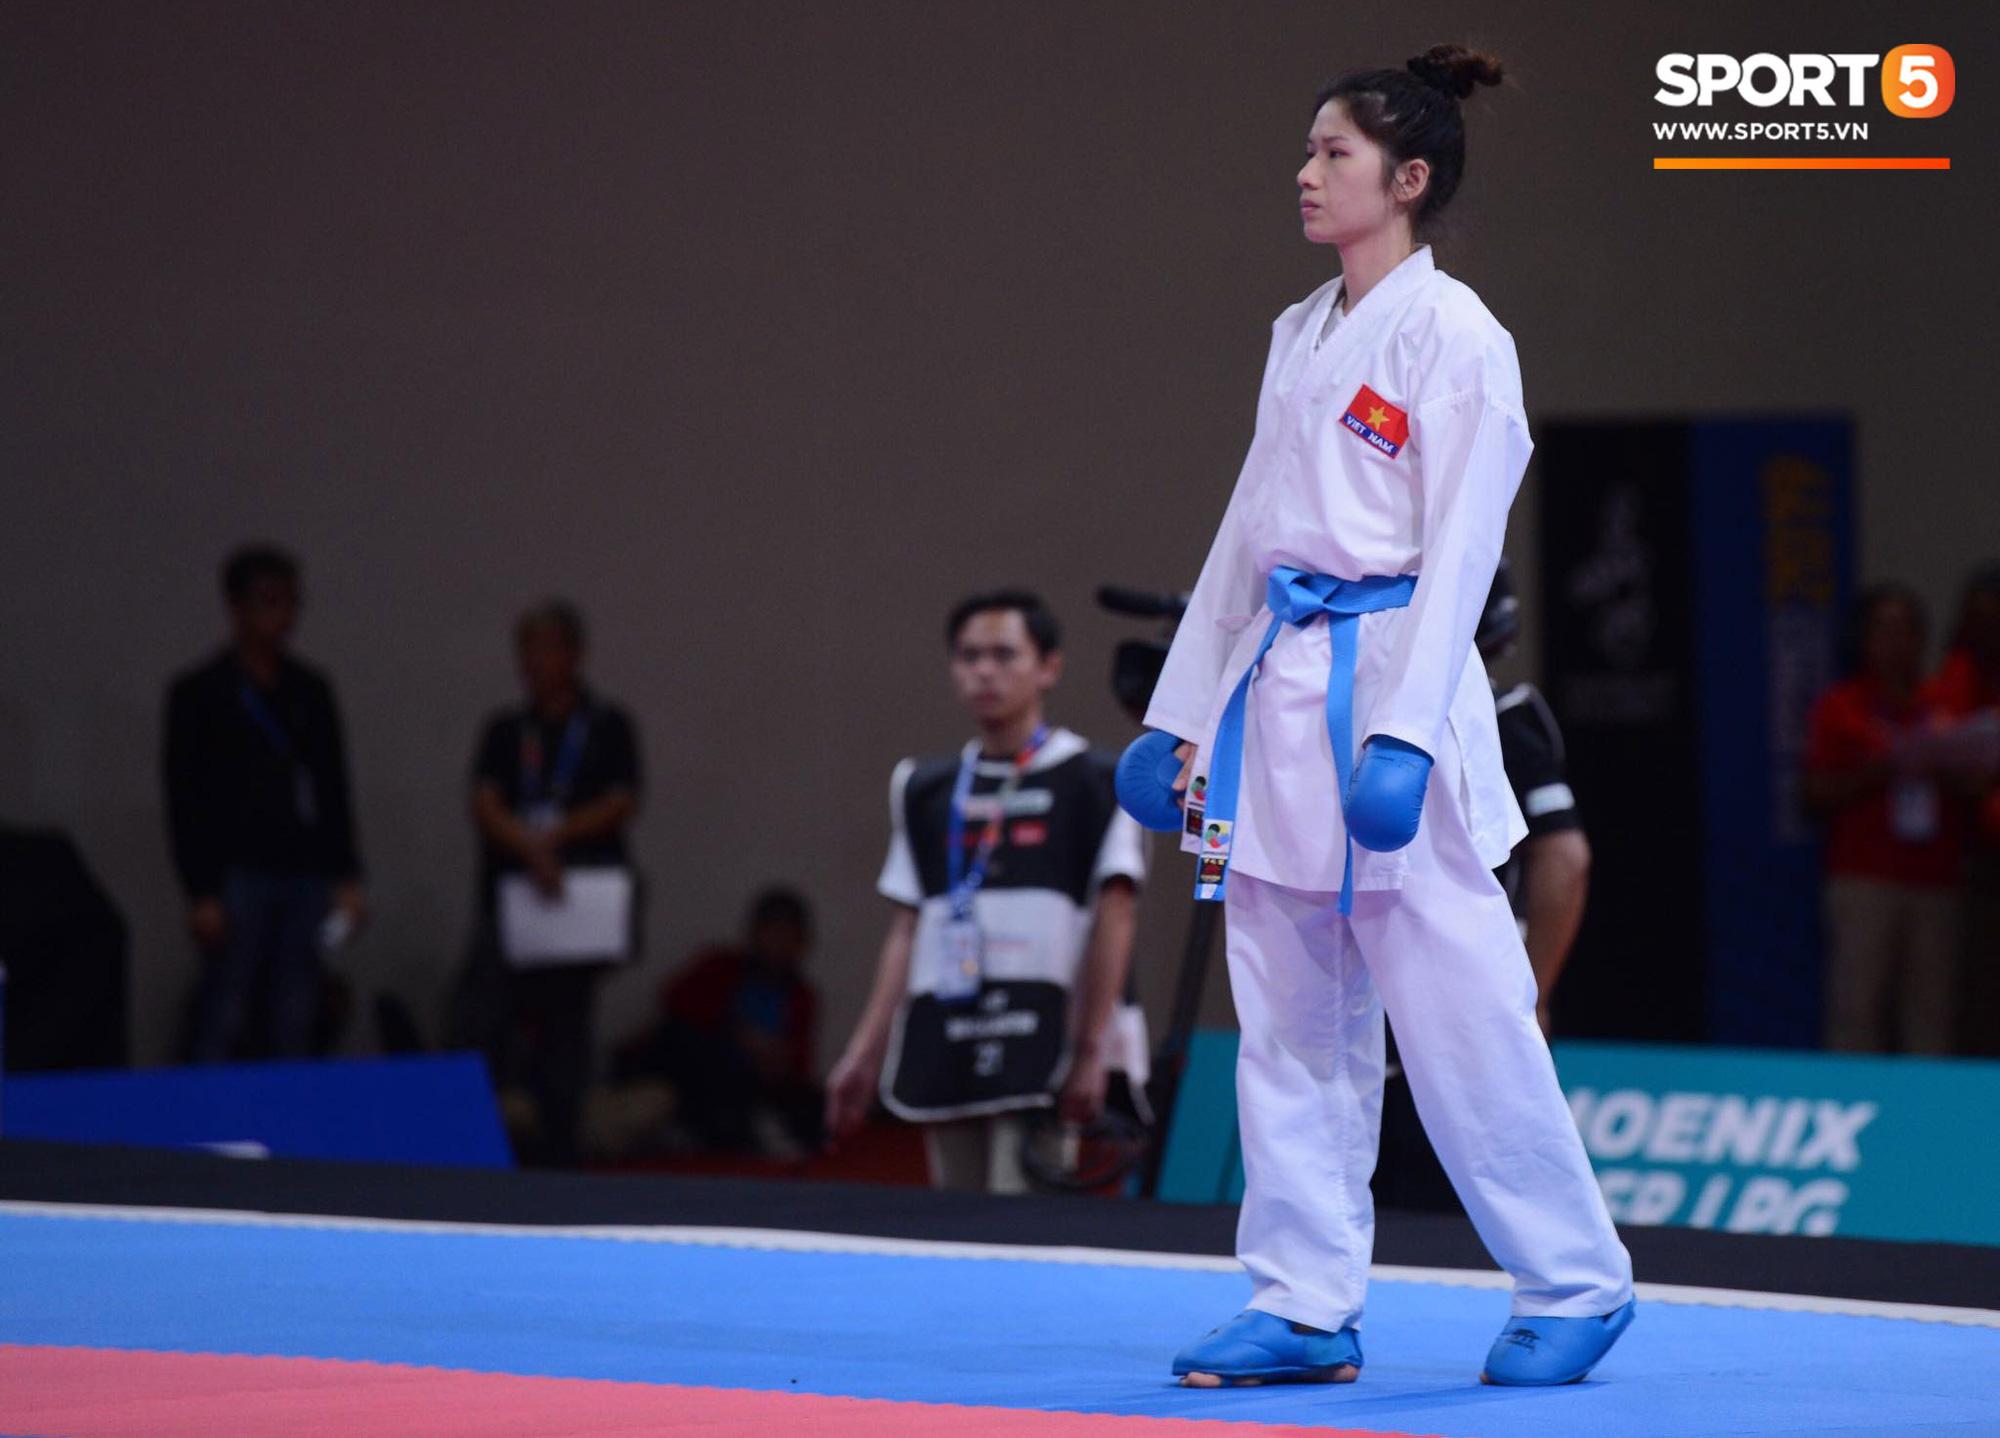 SEA Games ngày 8/12: Nữ hoàng điền kinh Tú Chinh vượt 2 VĐV nhập tịch trong tích tắc, xuất sắc giành HCV chung cuộc - Ảnh 56.